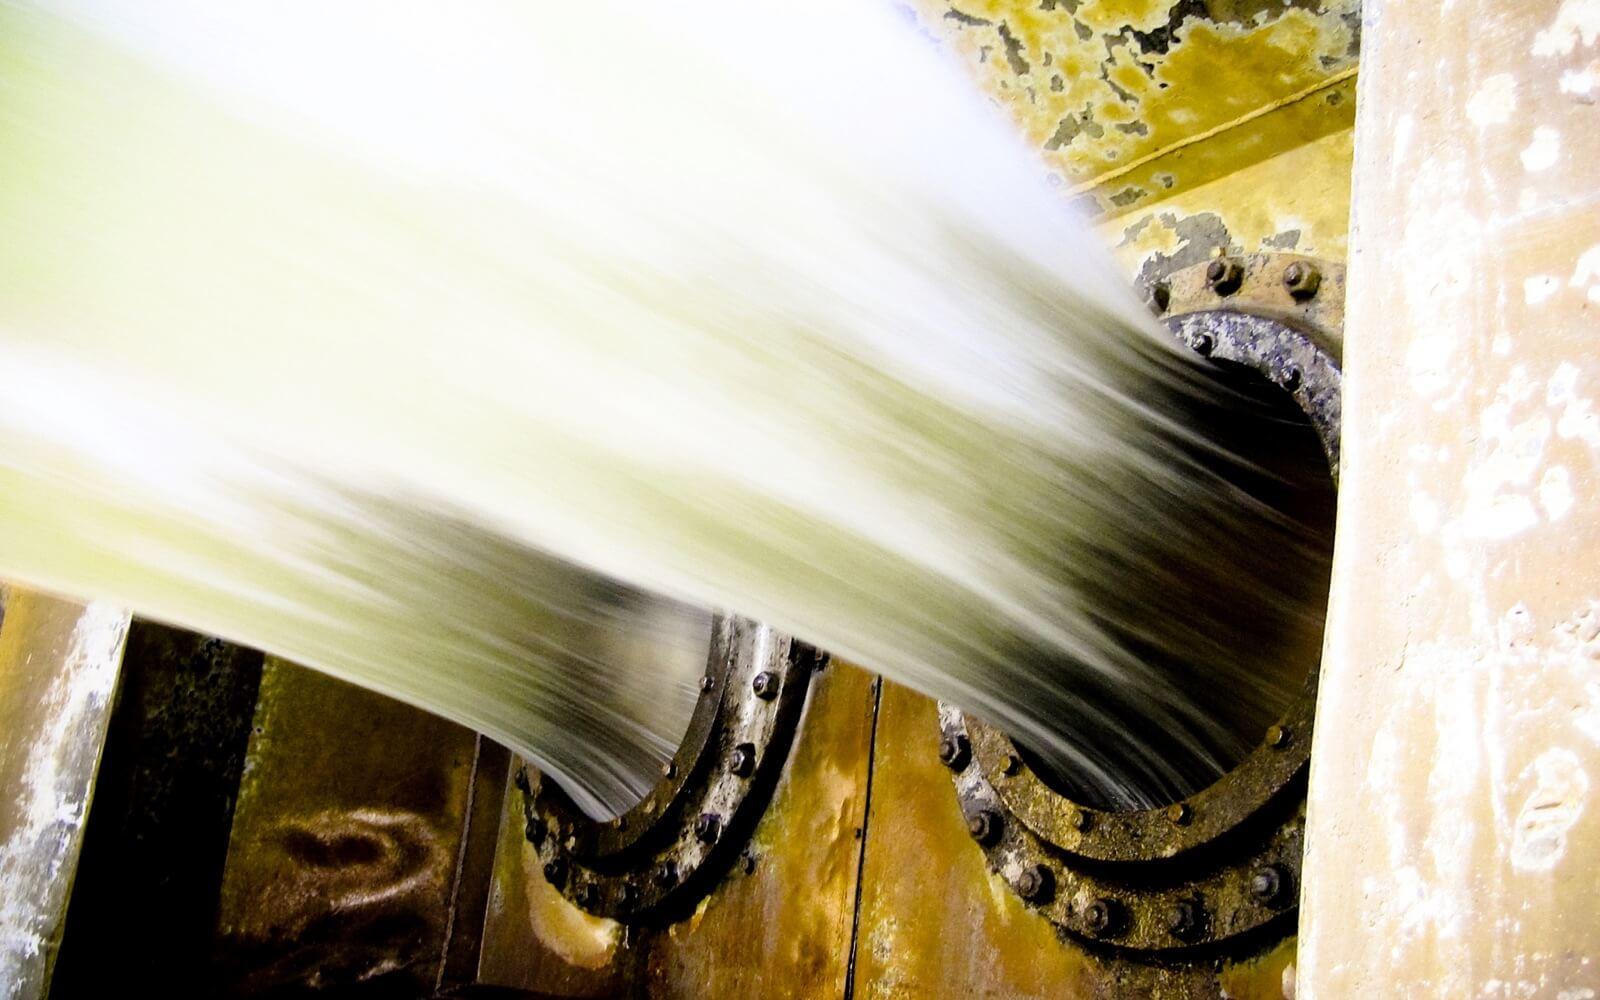 Hidrotermia: energía subterránea en Madrid